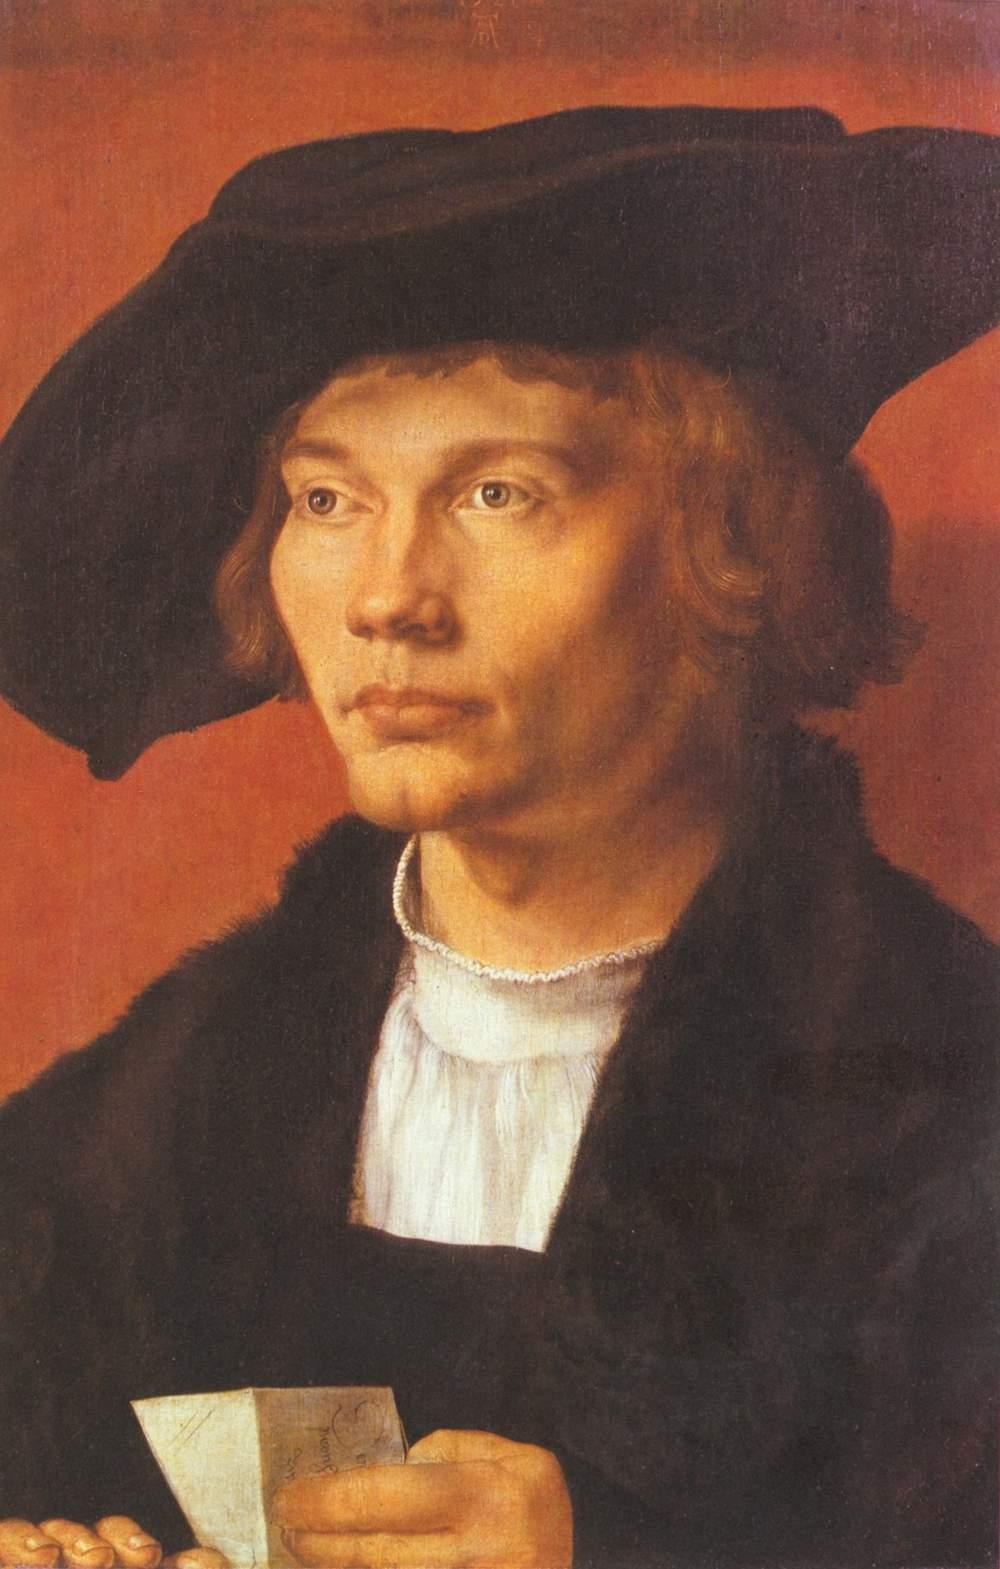 Портрет молодого человека (Бернхарта ван Рестена), Альбрехт Дюрер